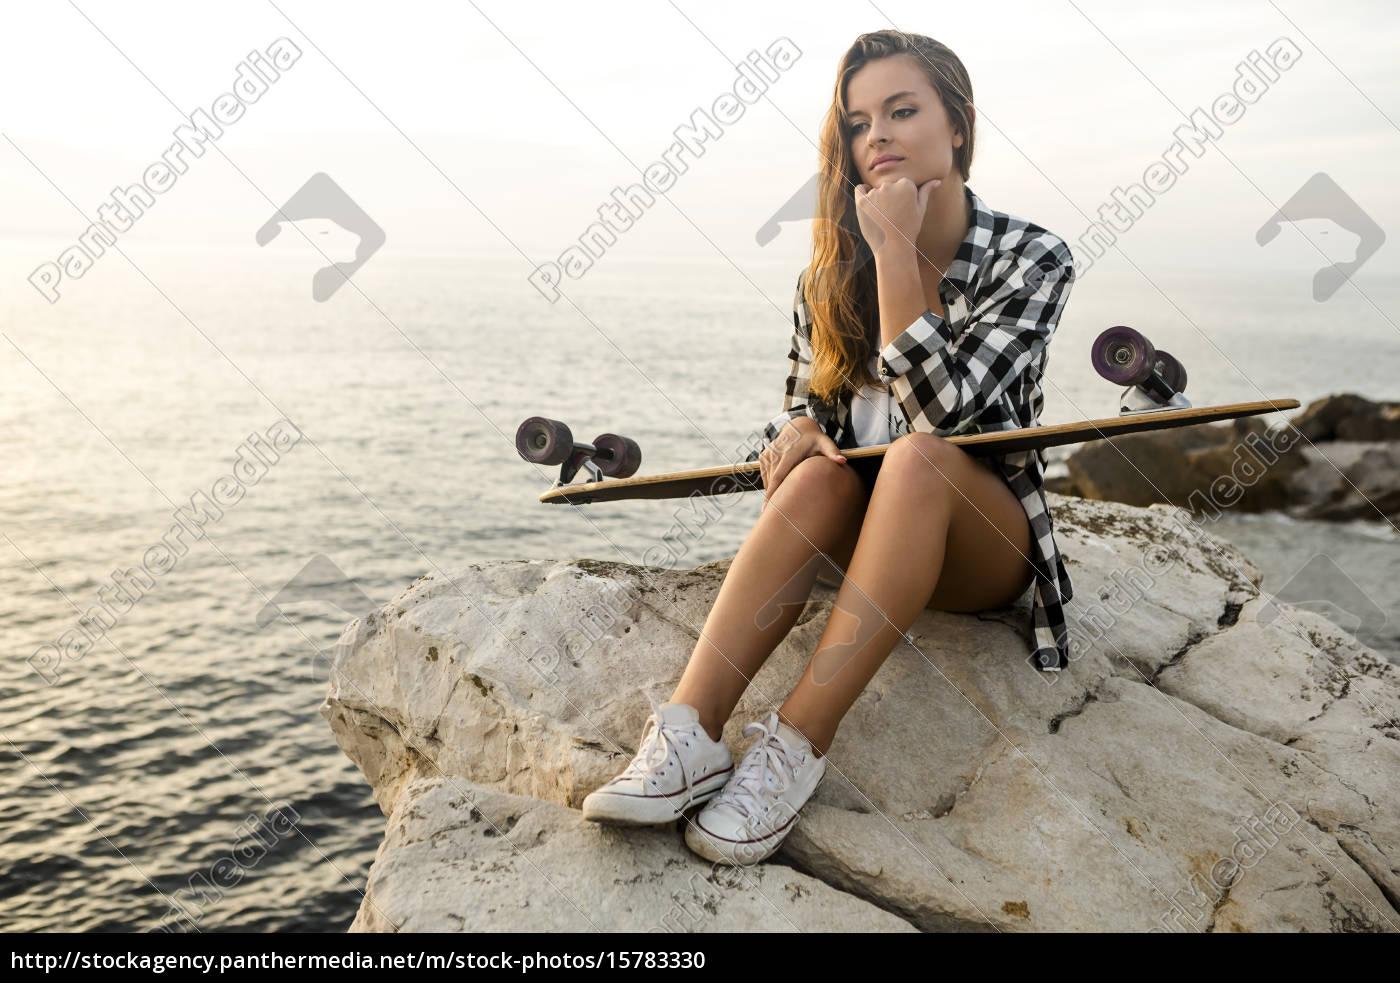 skater, girl - 15783330